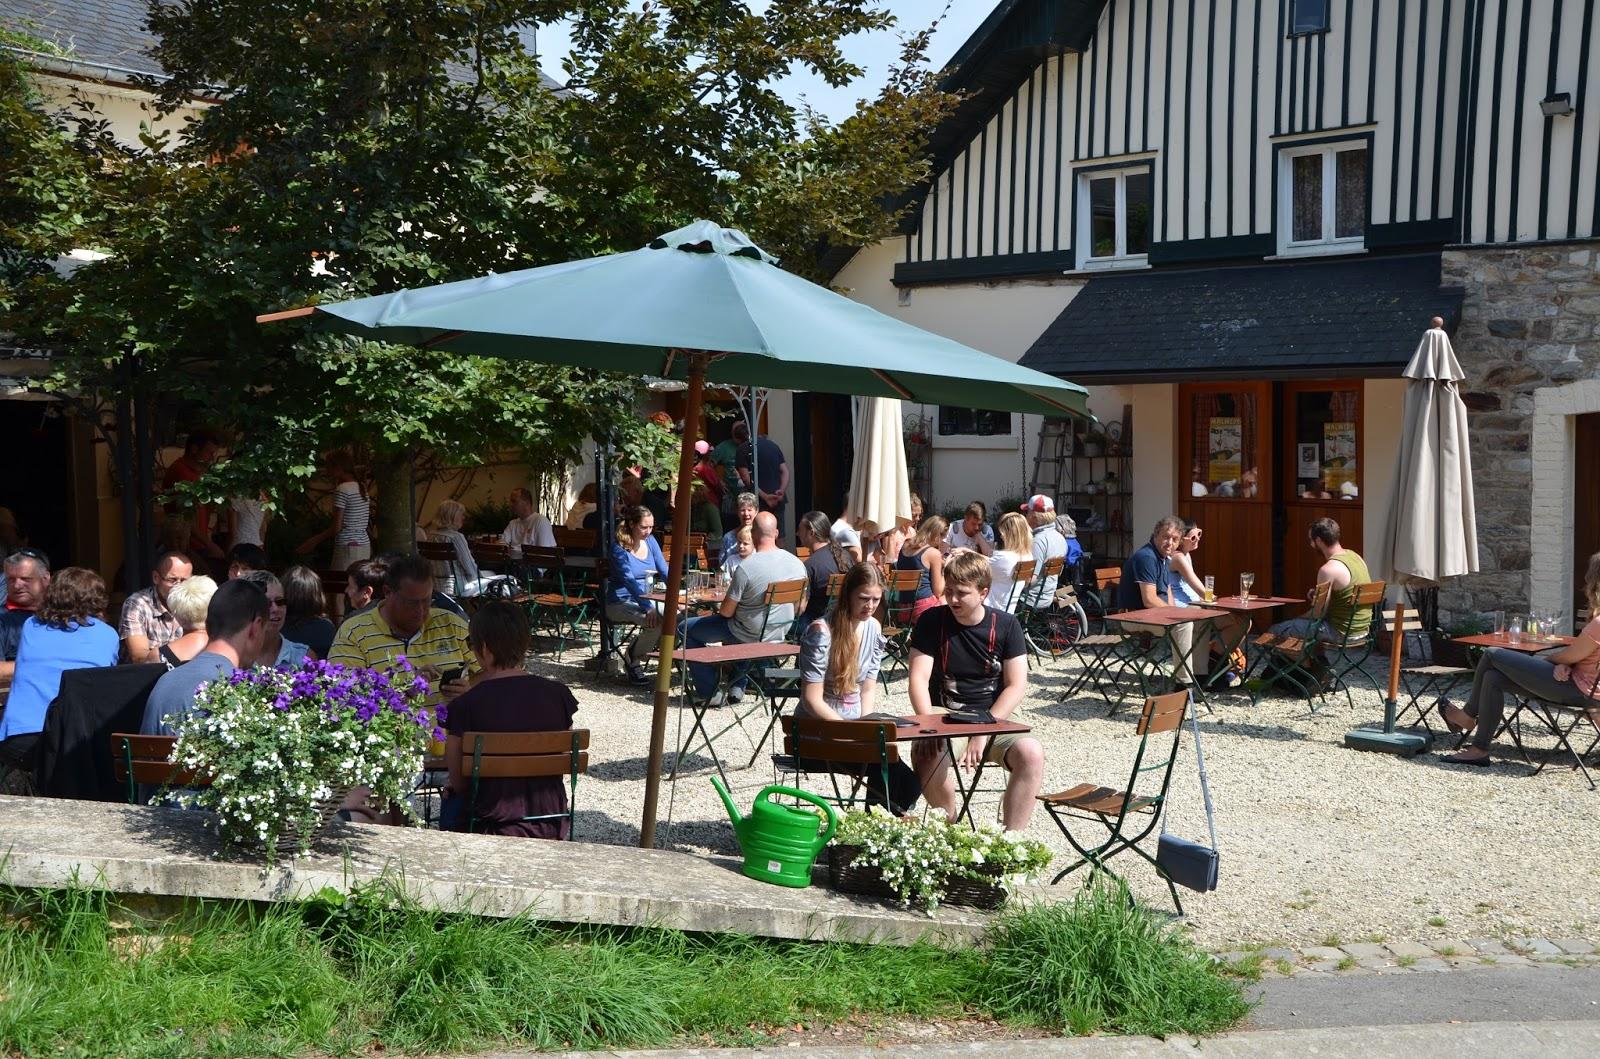 Dagelijkse hap brasserie de bellevaux een ouderwets gezellige bierbrouwerij for Wat lemmet terras betekent